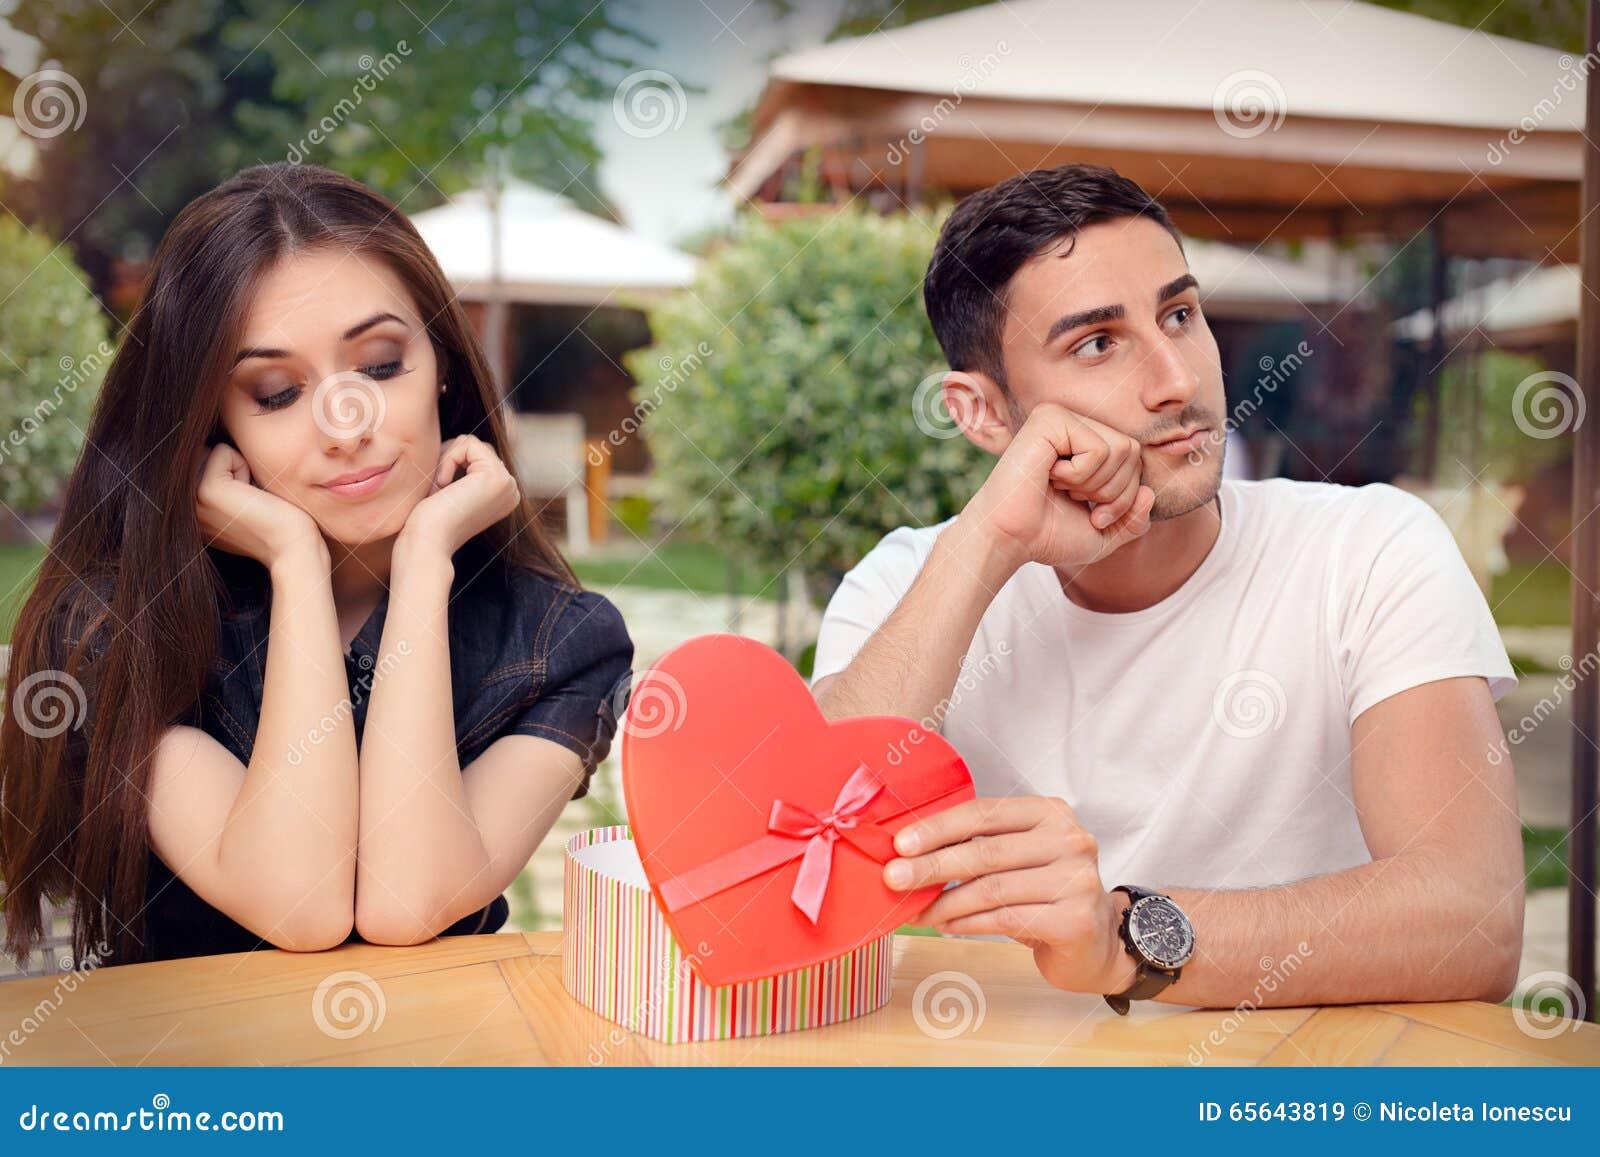 Fille déçue sur son Valentine Gift From Boyfriend